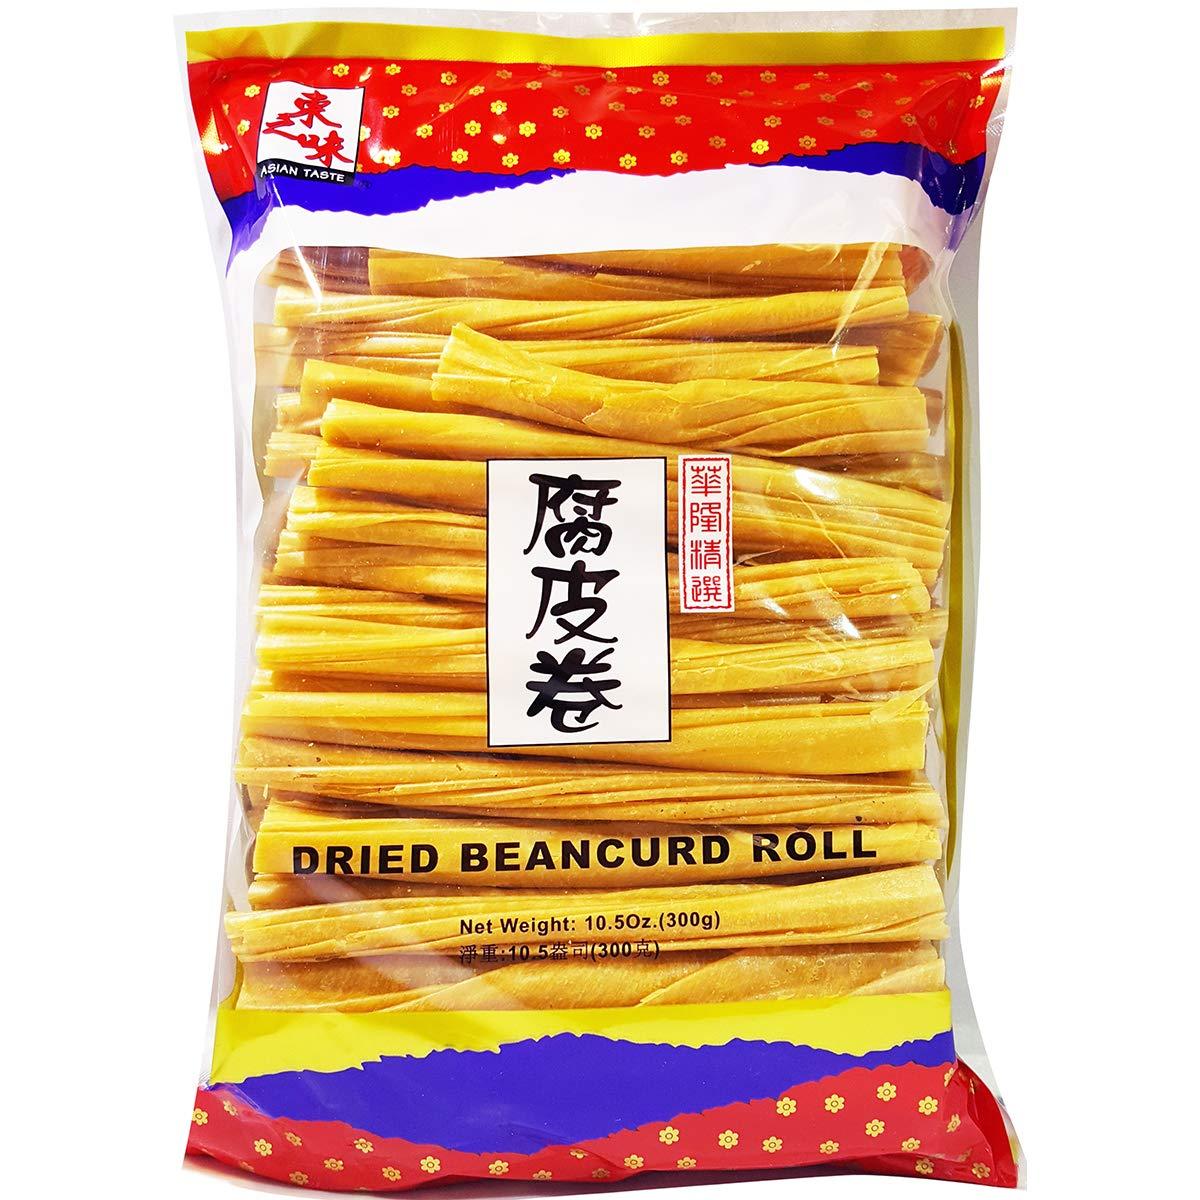 Excellence Asian Taste Dried Beancurd – Mesa Mall Roll 東之味腐Ã